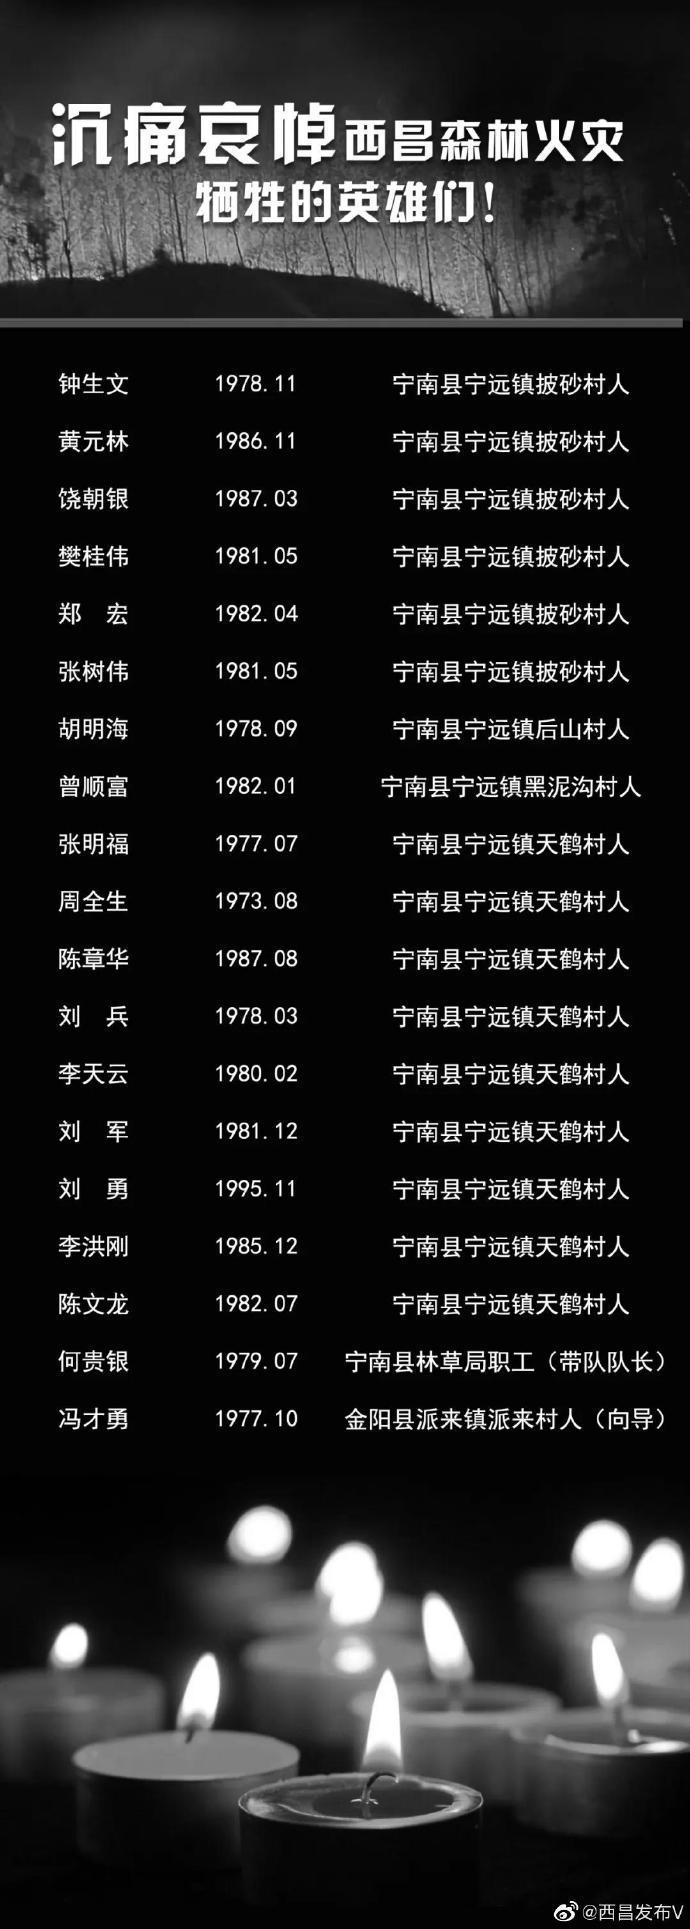 致敬!四川西昌森林火灾19名牺牲英雄名单公布